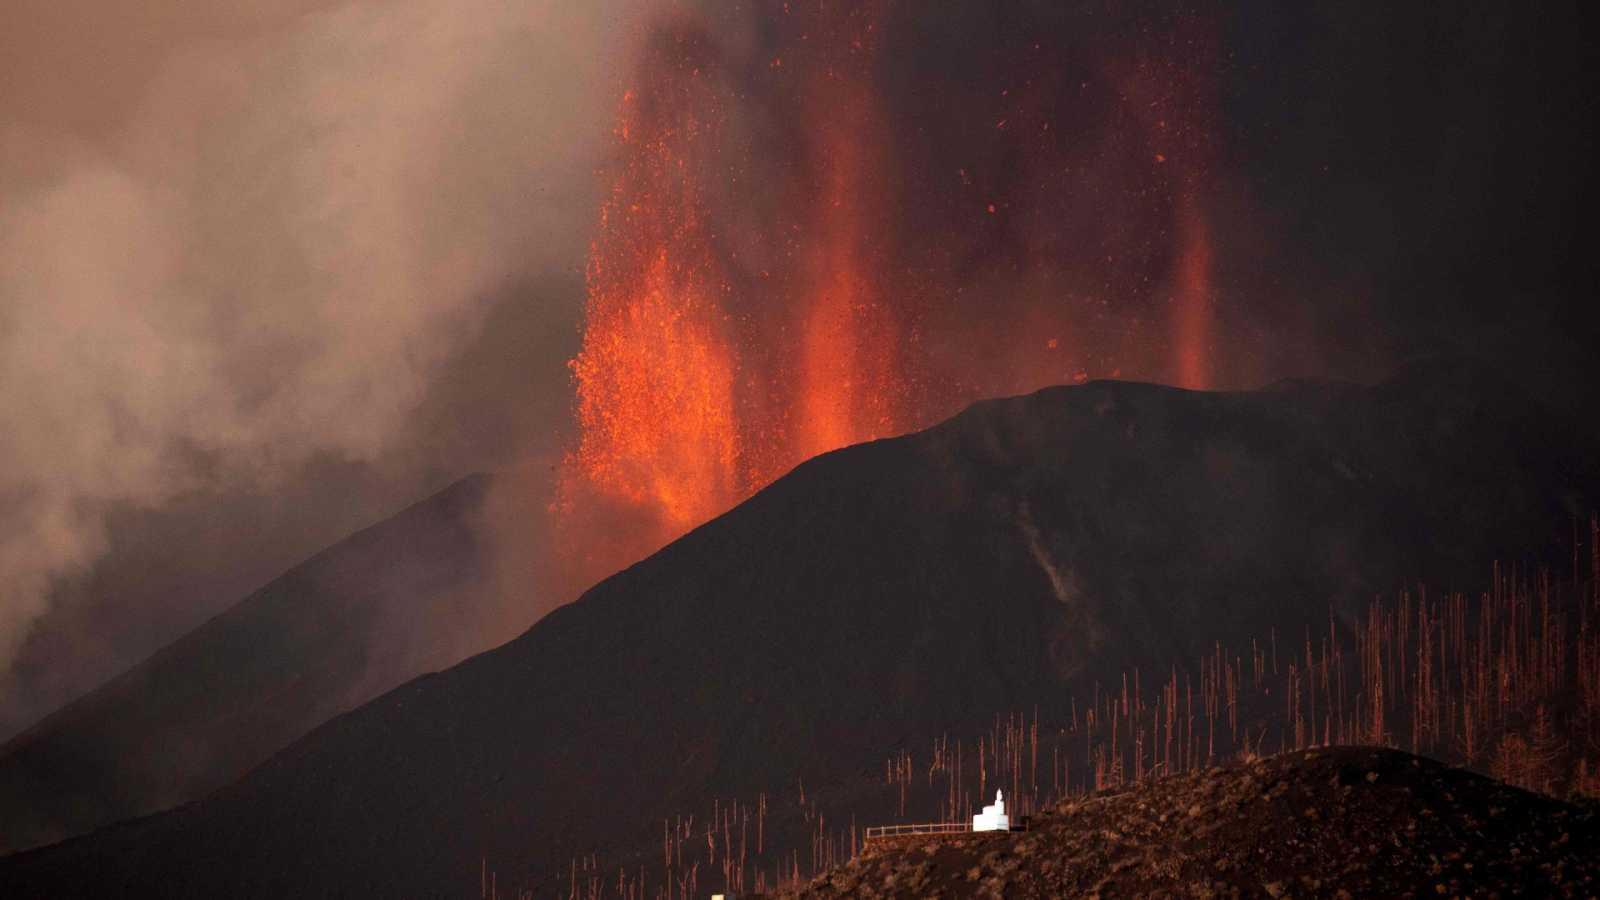 Se cumple una semana de la erupción en Cumbre Vieja, que deja 6.000 evacuados